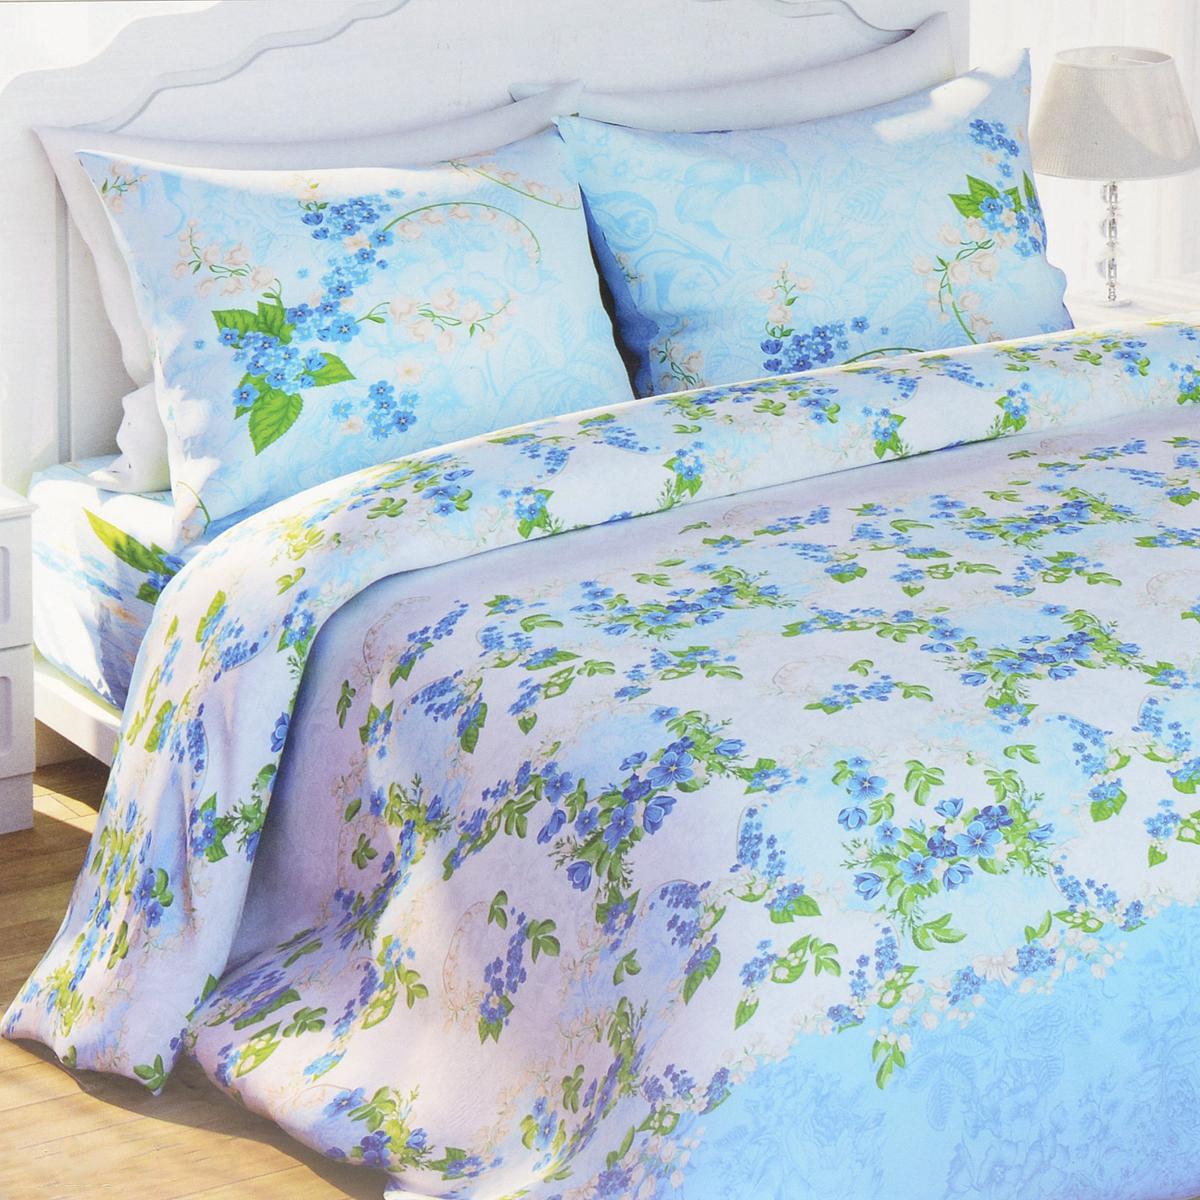 Комплект белья Любимый дом Ландыш майский, 2-спальный, наволочки 70х70279529Комплект постельного белья Любимый дом Ландыш майский состоит из пододеяльника, простыни и двух наволочек. Дизайн - множество небольших цветов. Белье изготовлено из новой ткани Биокомфорт, отвечающей всем необходимым нормативным стандартам. Биокомфорт - это ткань полотняного переплетения, из экологически чистого и натурального 100% хлопка. Неоспоримым плюсом белья из такой ткани является мягкость и легкость, она прекрасно пропускает воздух, приятна на ощупь, не образует катышков на поверхности и за ней легко ухаживать. При соблюдении рекомендаций по уходу, это белье выдерживает много стирок, не линяет и не теряет свою первоначальную прочность. Уникальная ткань обеспечивает легкую глажку.